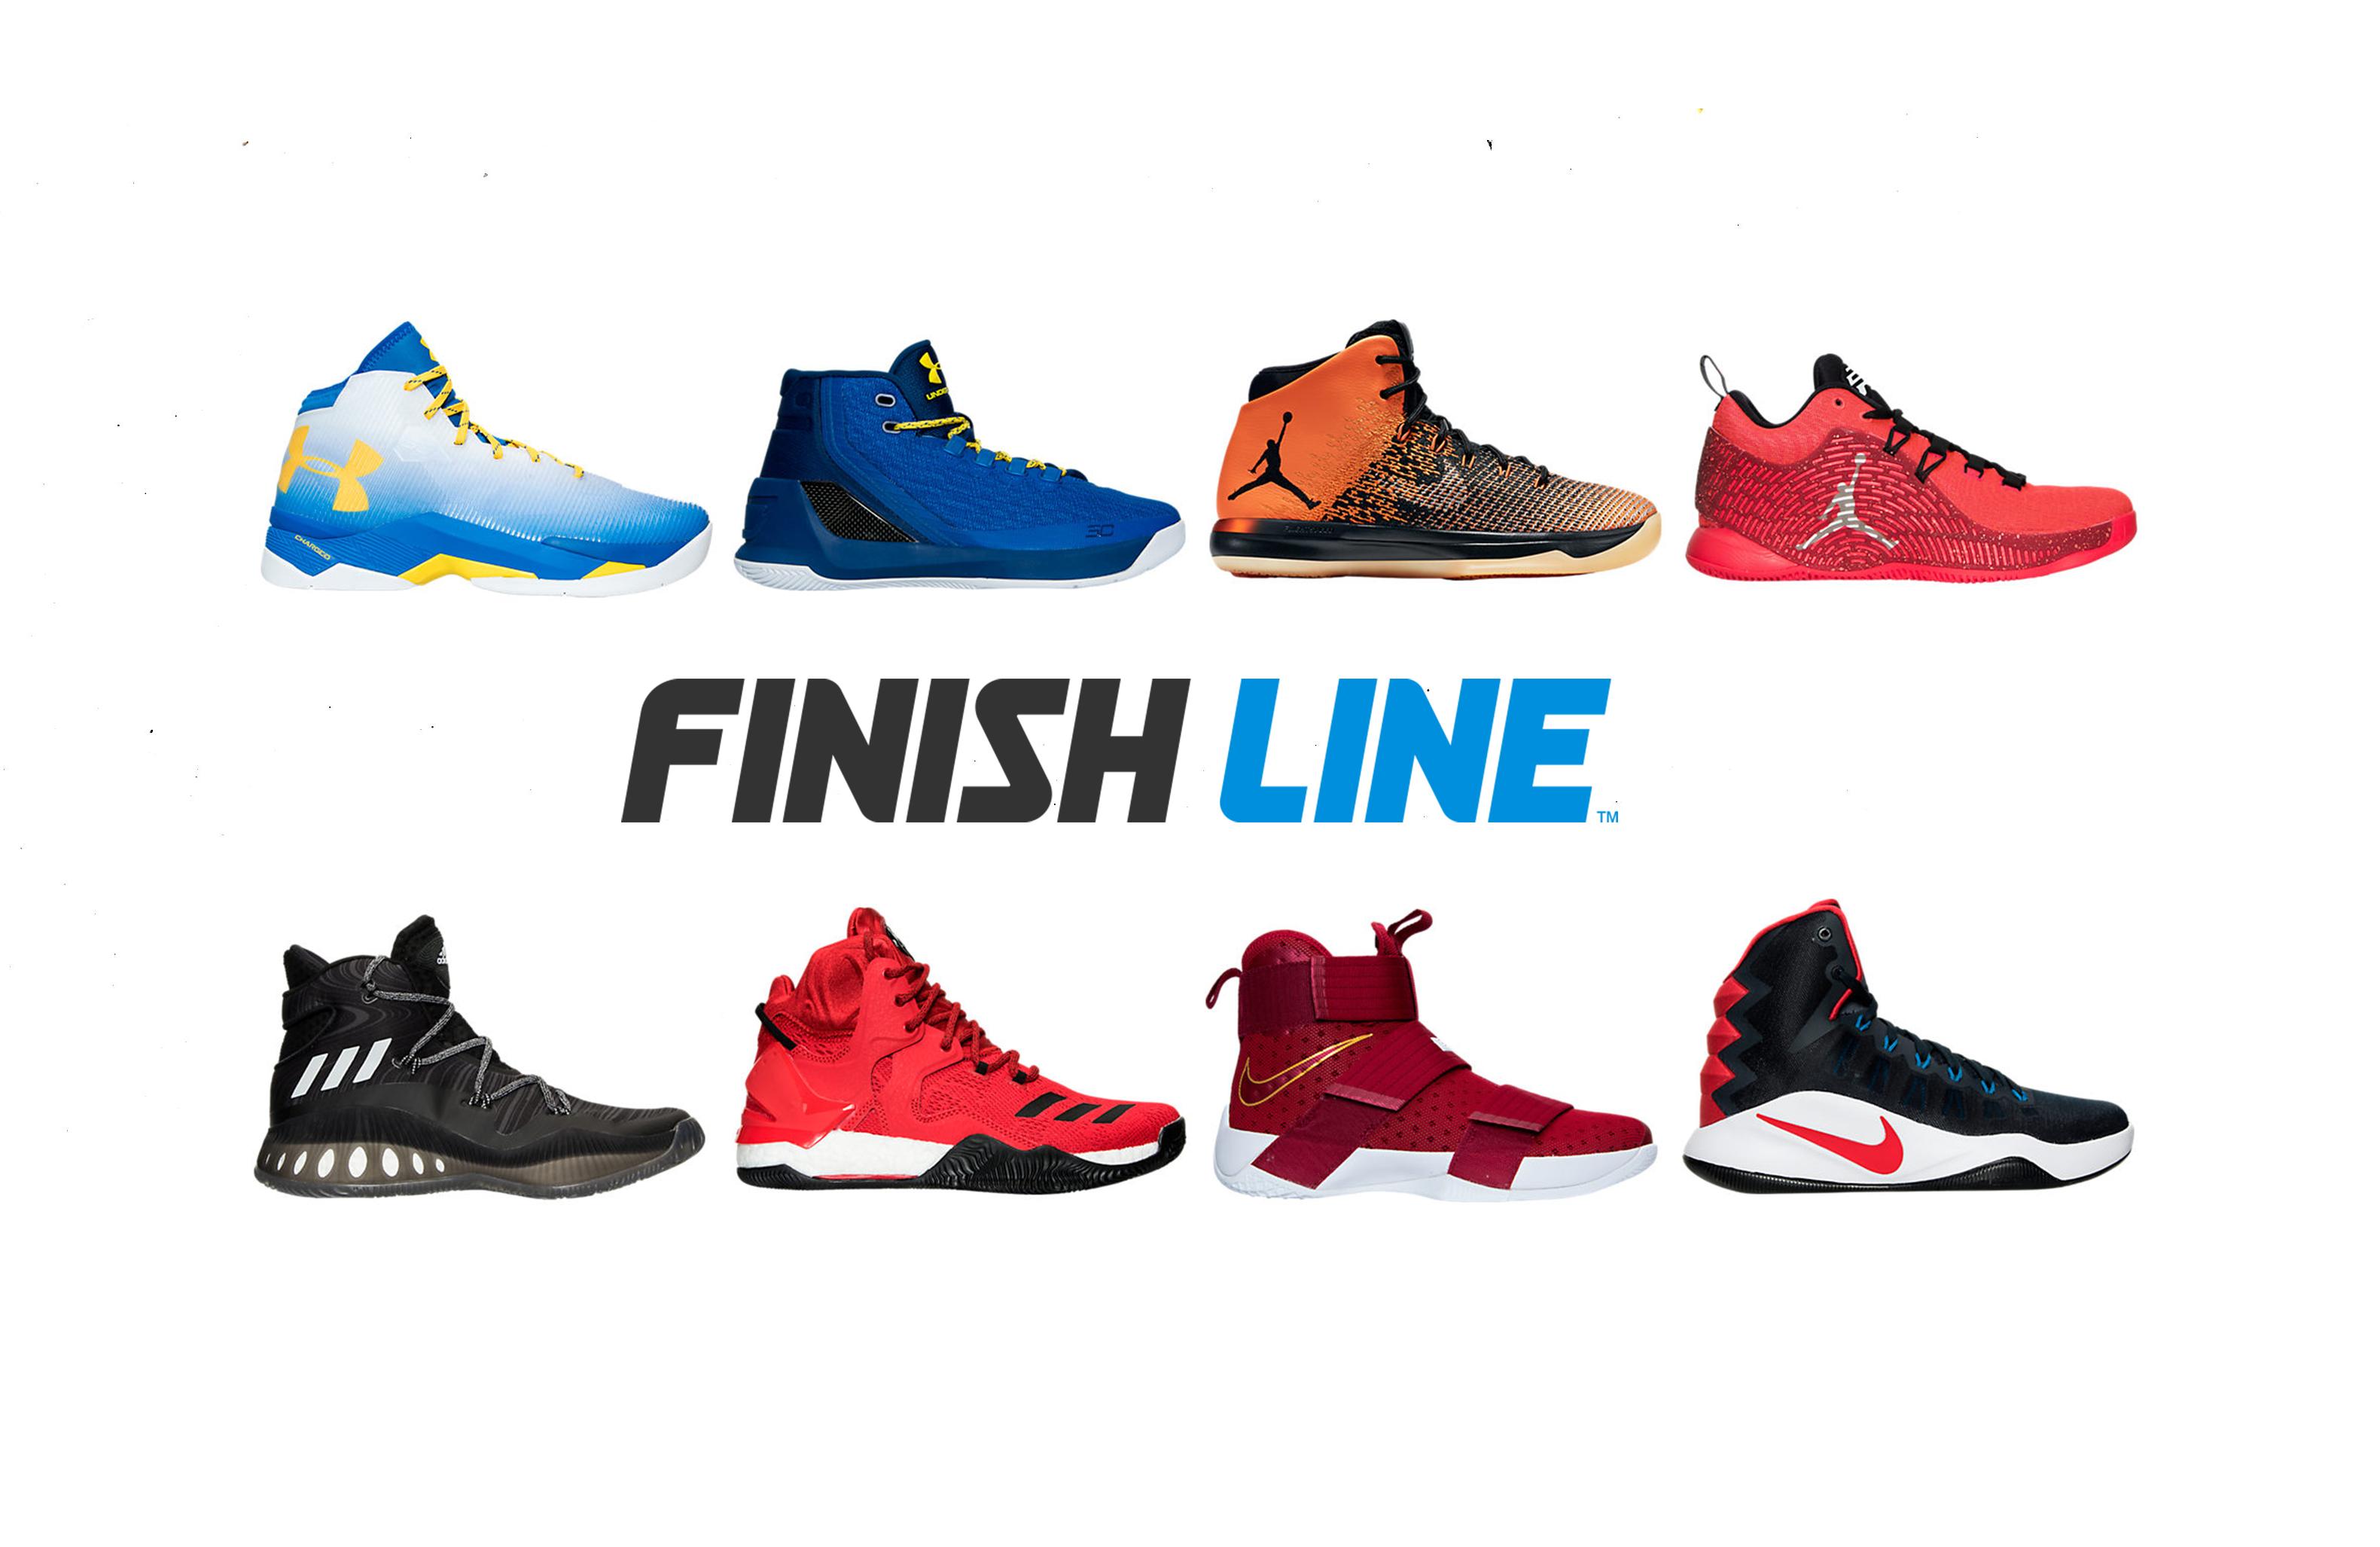 adidas and Nike Basketball Shoes